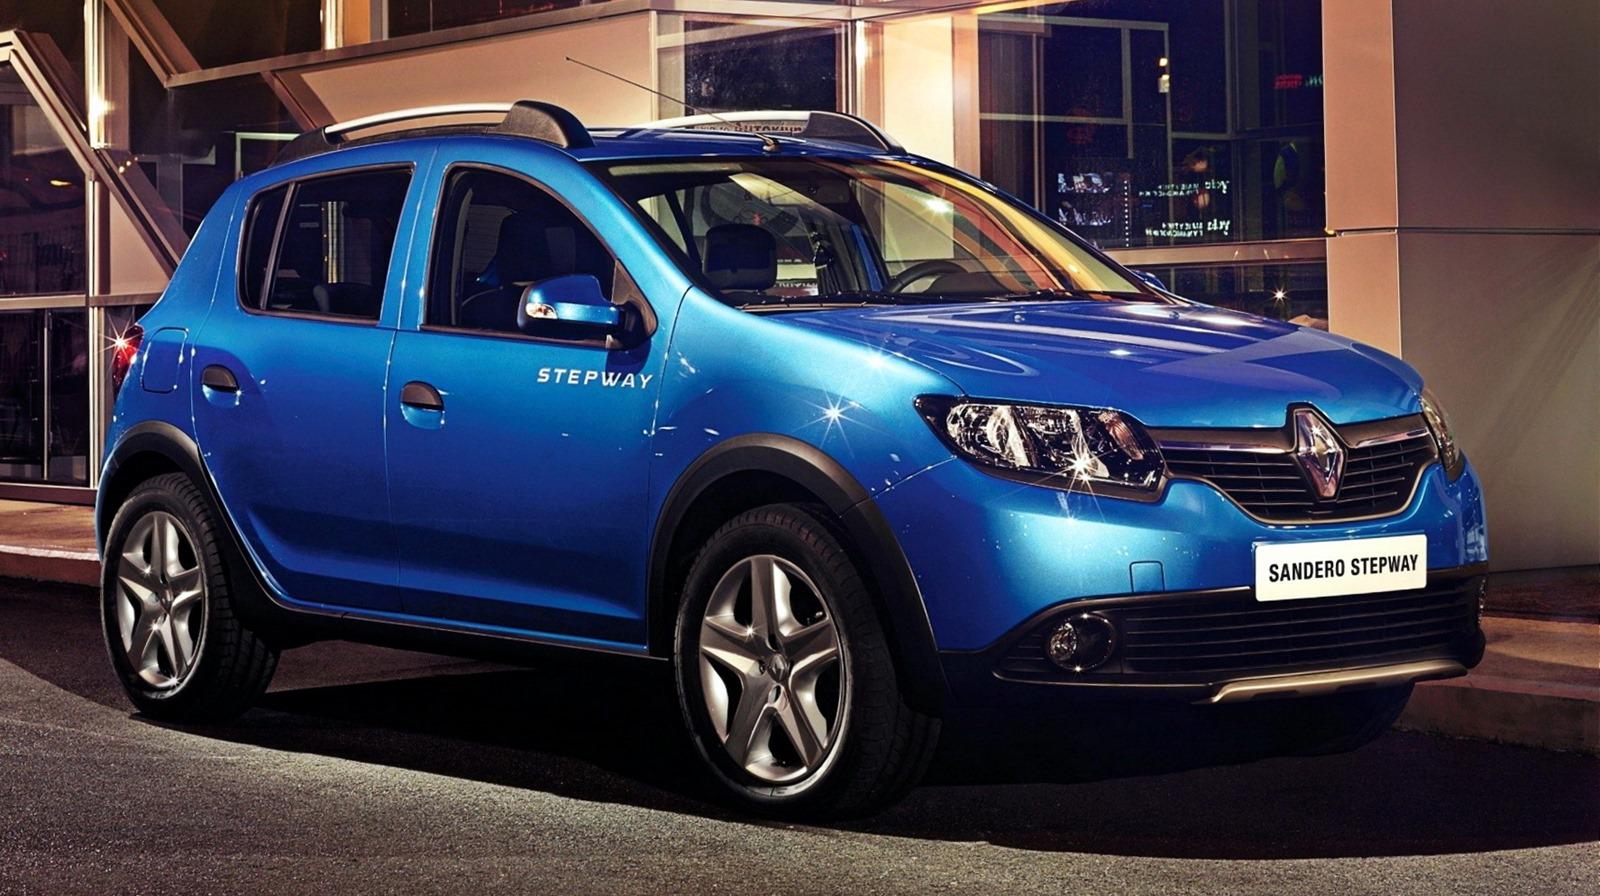 2014-Renault-Sandero-Stepaway